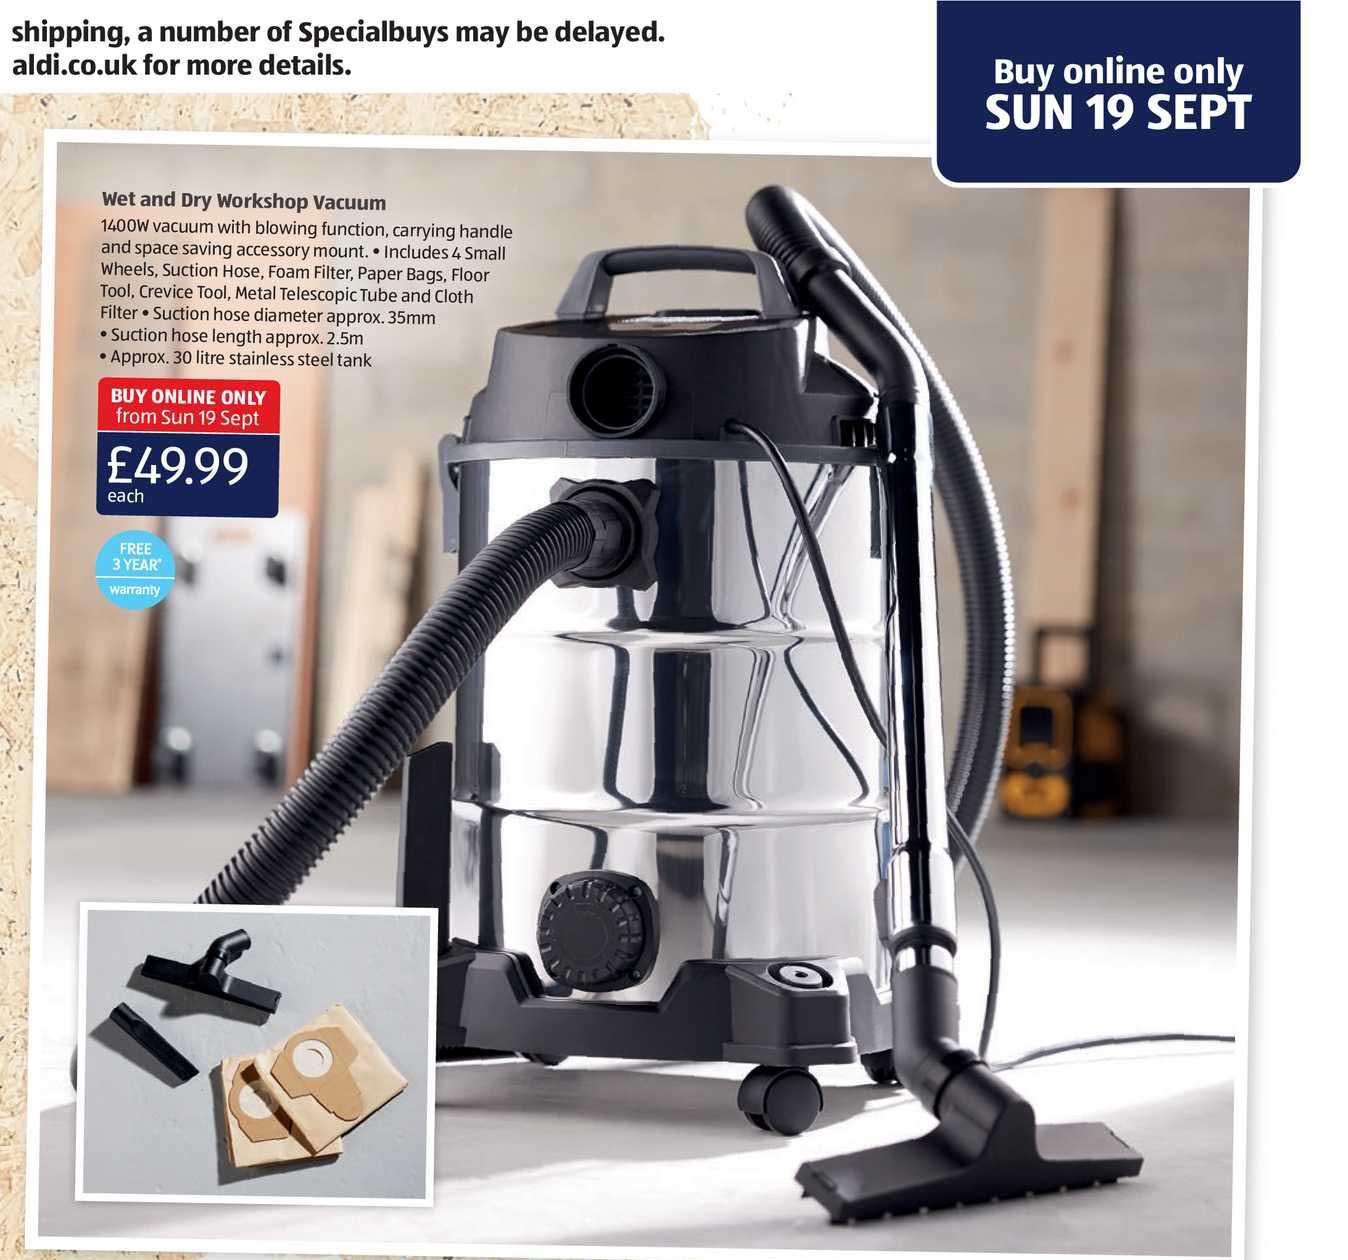 Aldi Wet And Dry Workshop Vacuum